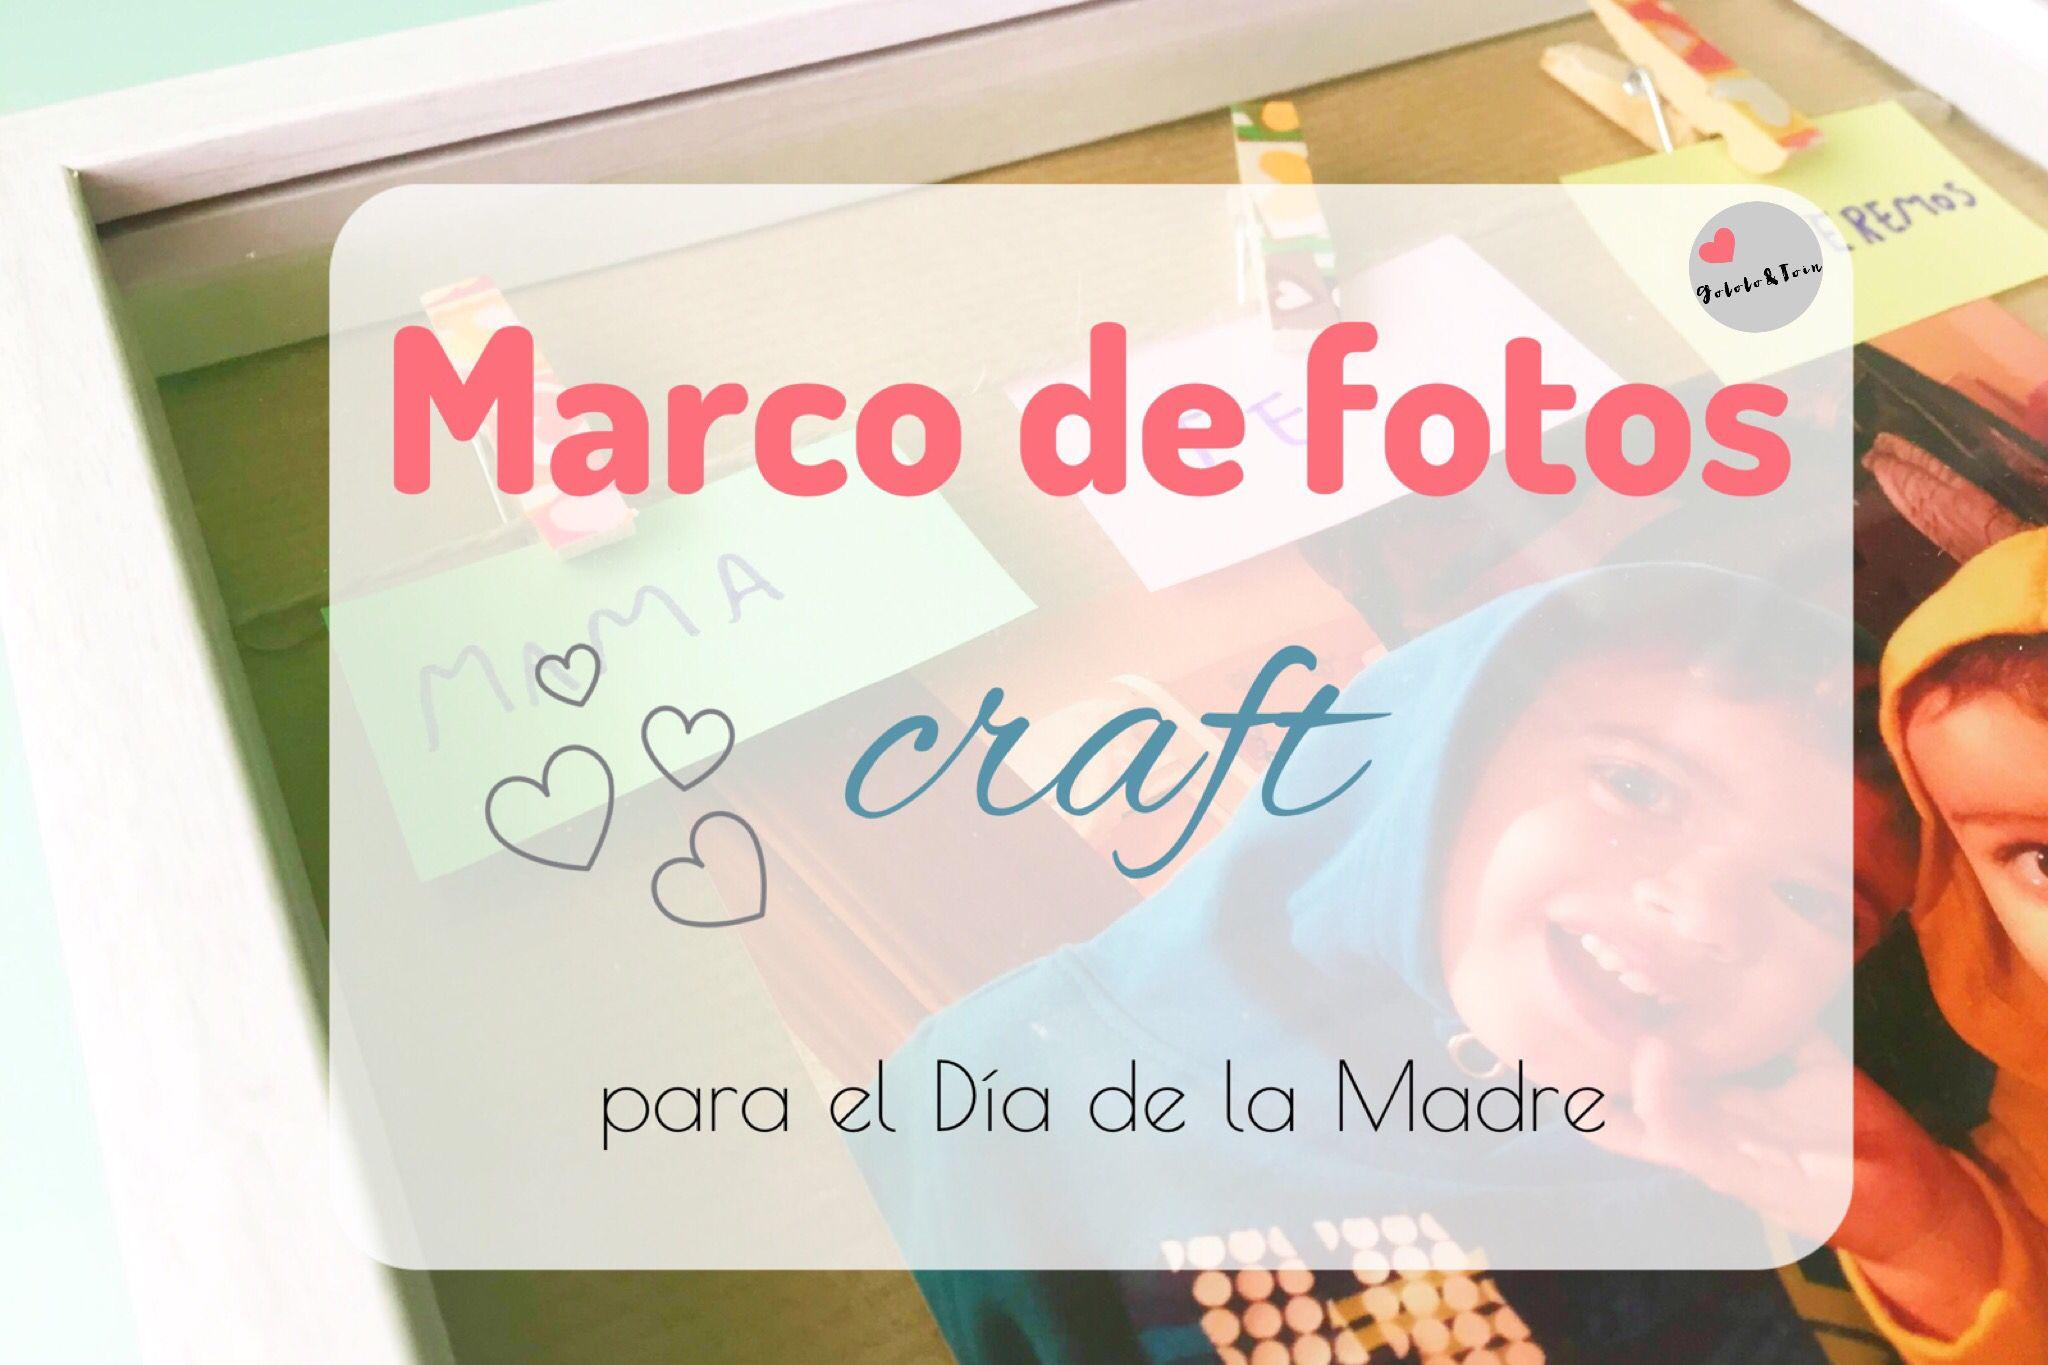 Marco de fotos craft para el Día de la Madre | VARIOS | Pinterest